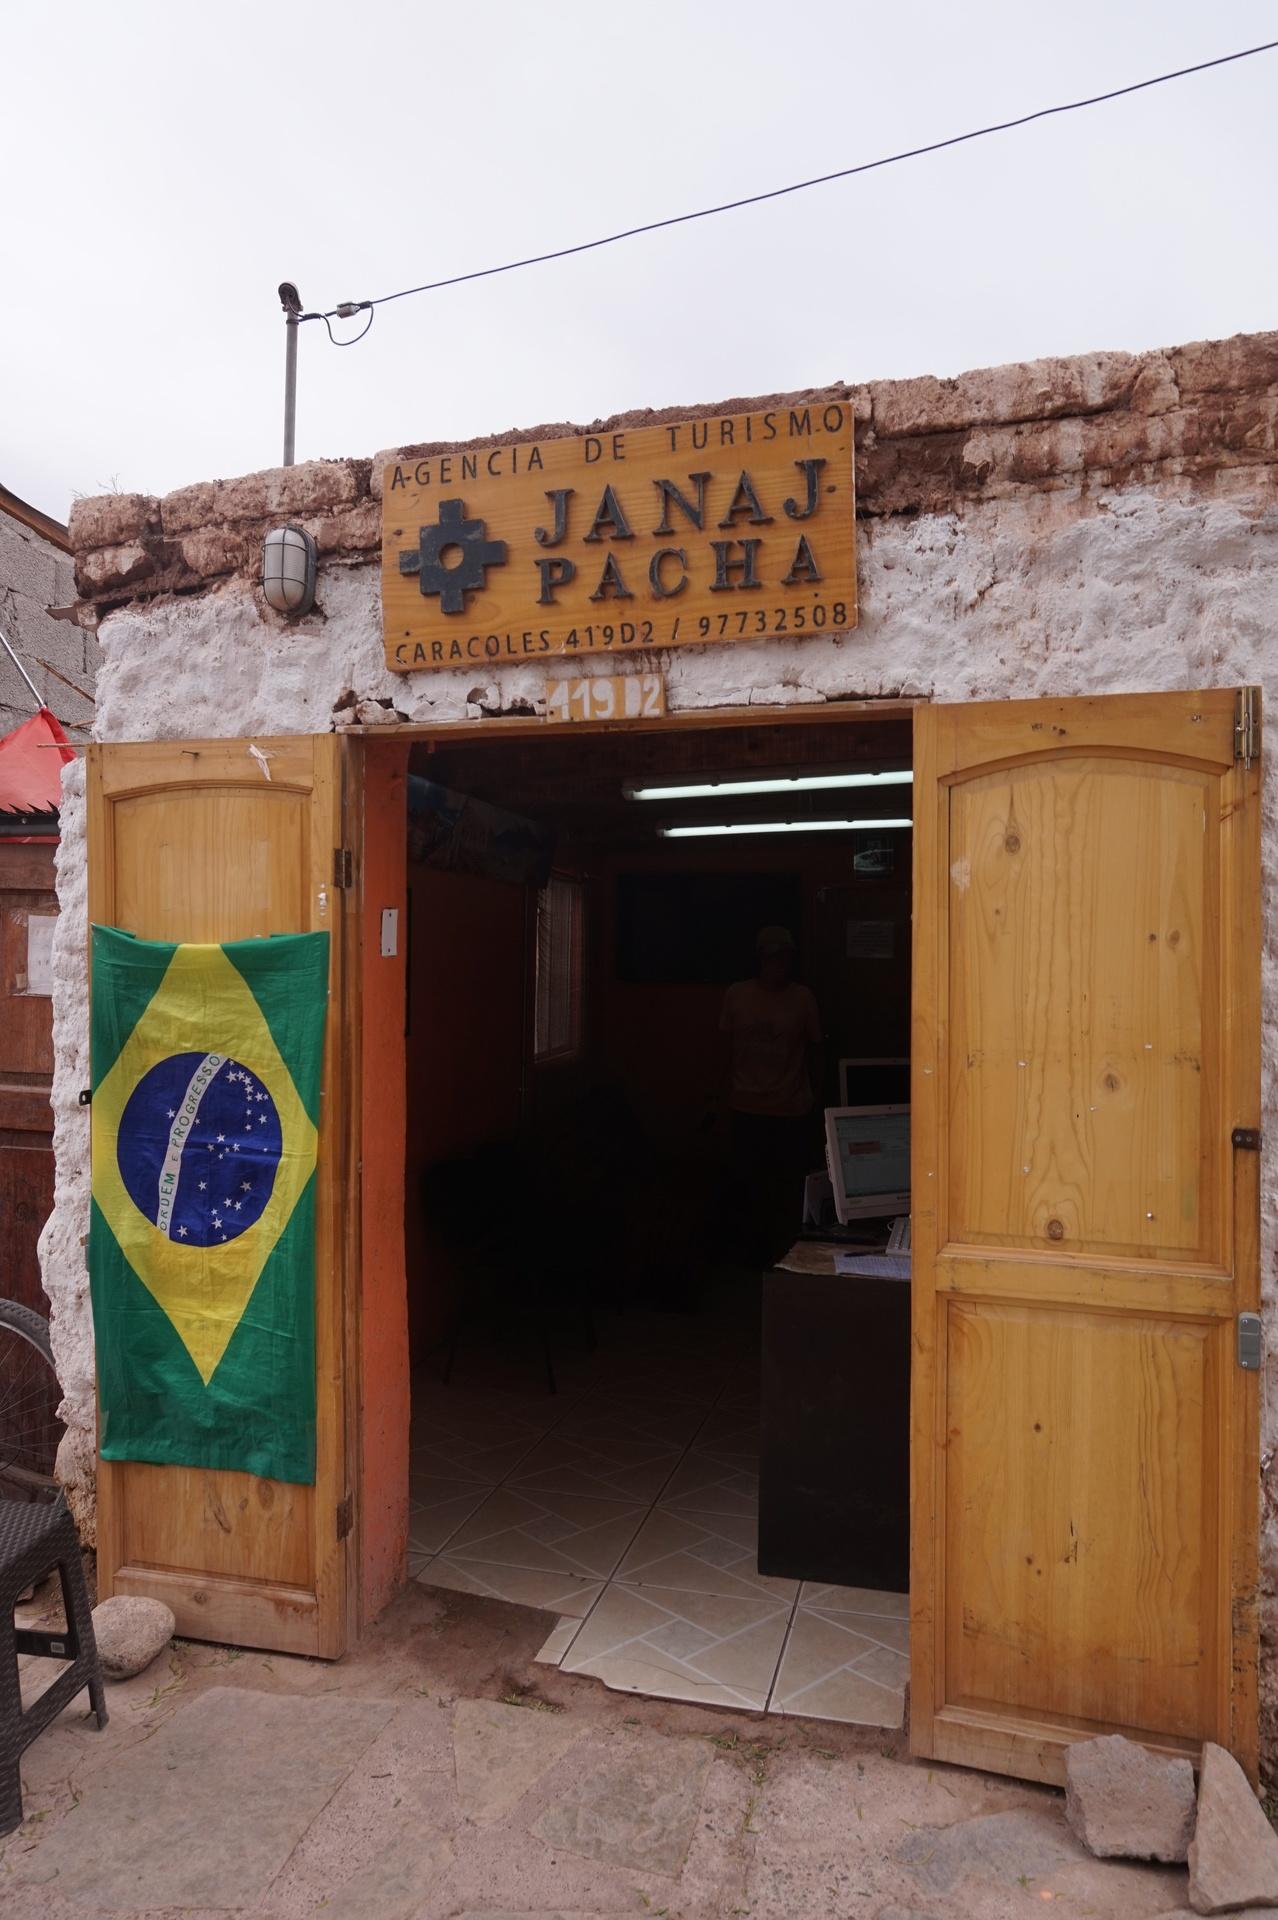 チリ ボリビア ウユニ旅行 アタカマ  JANJ PACHA